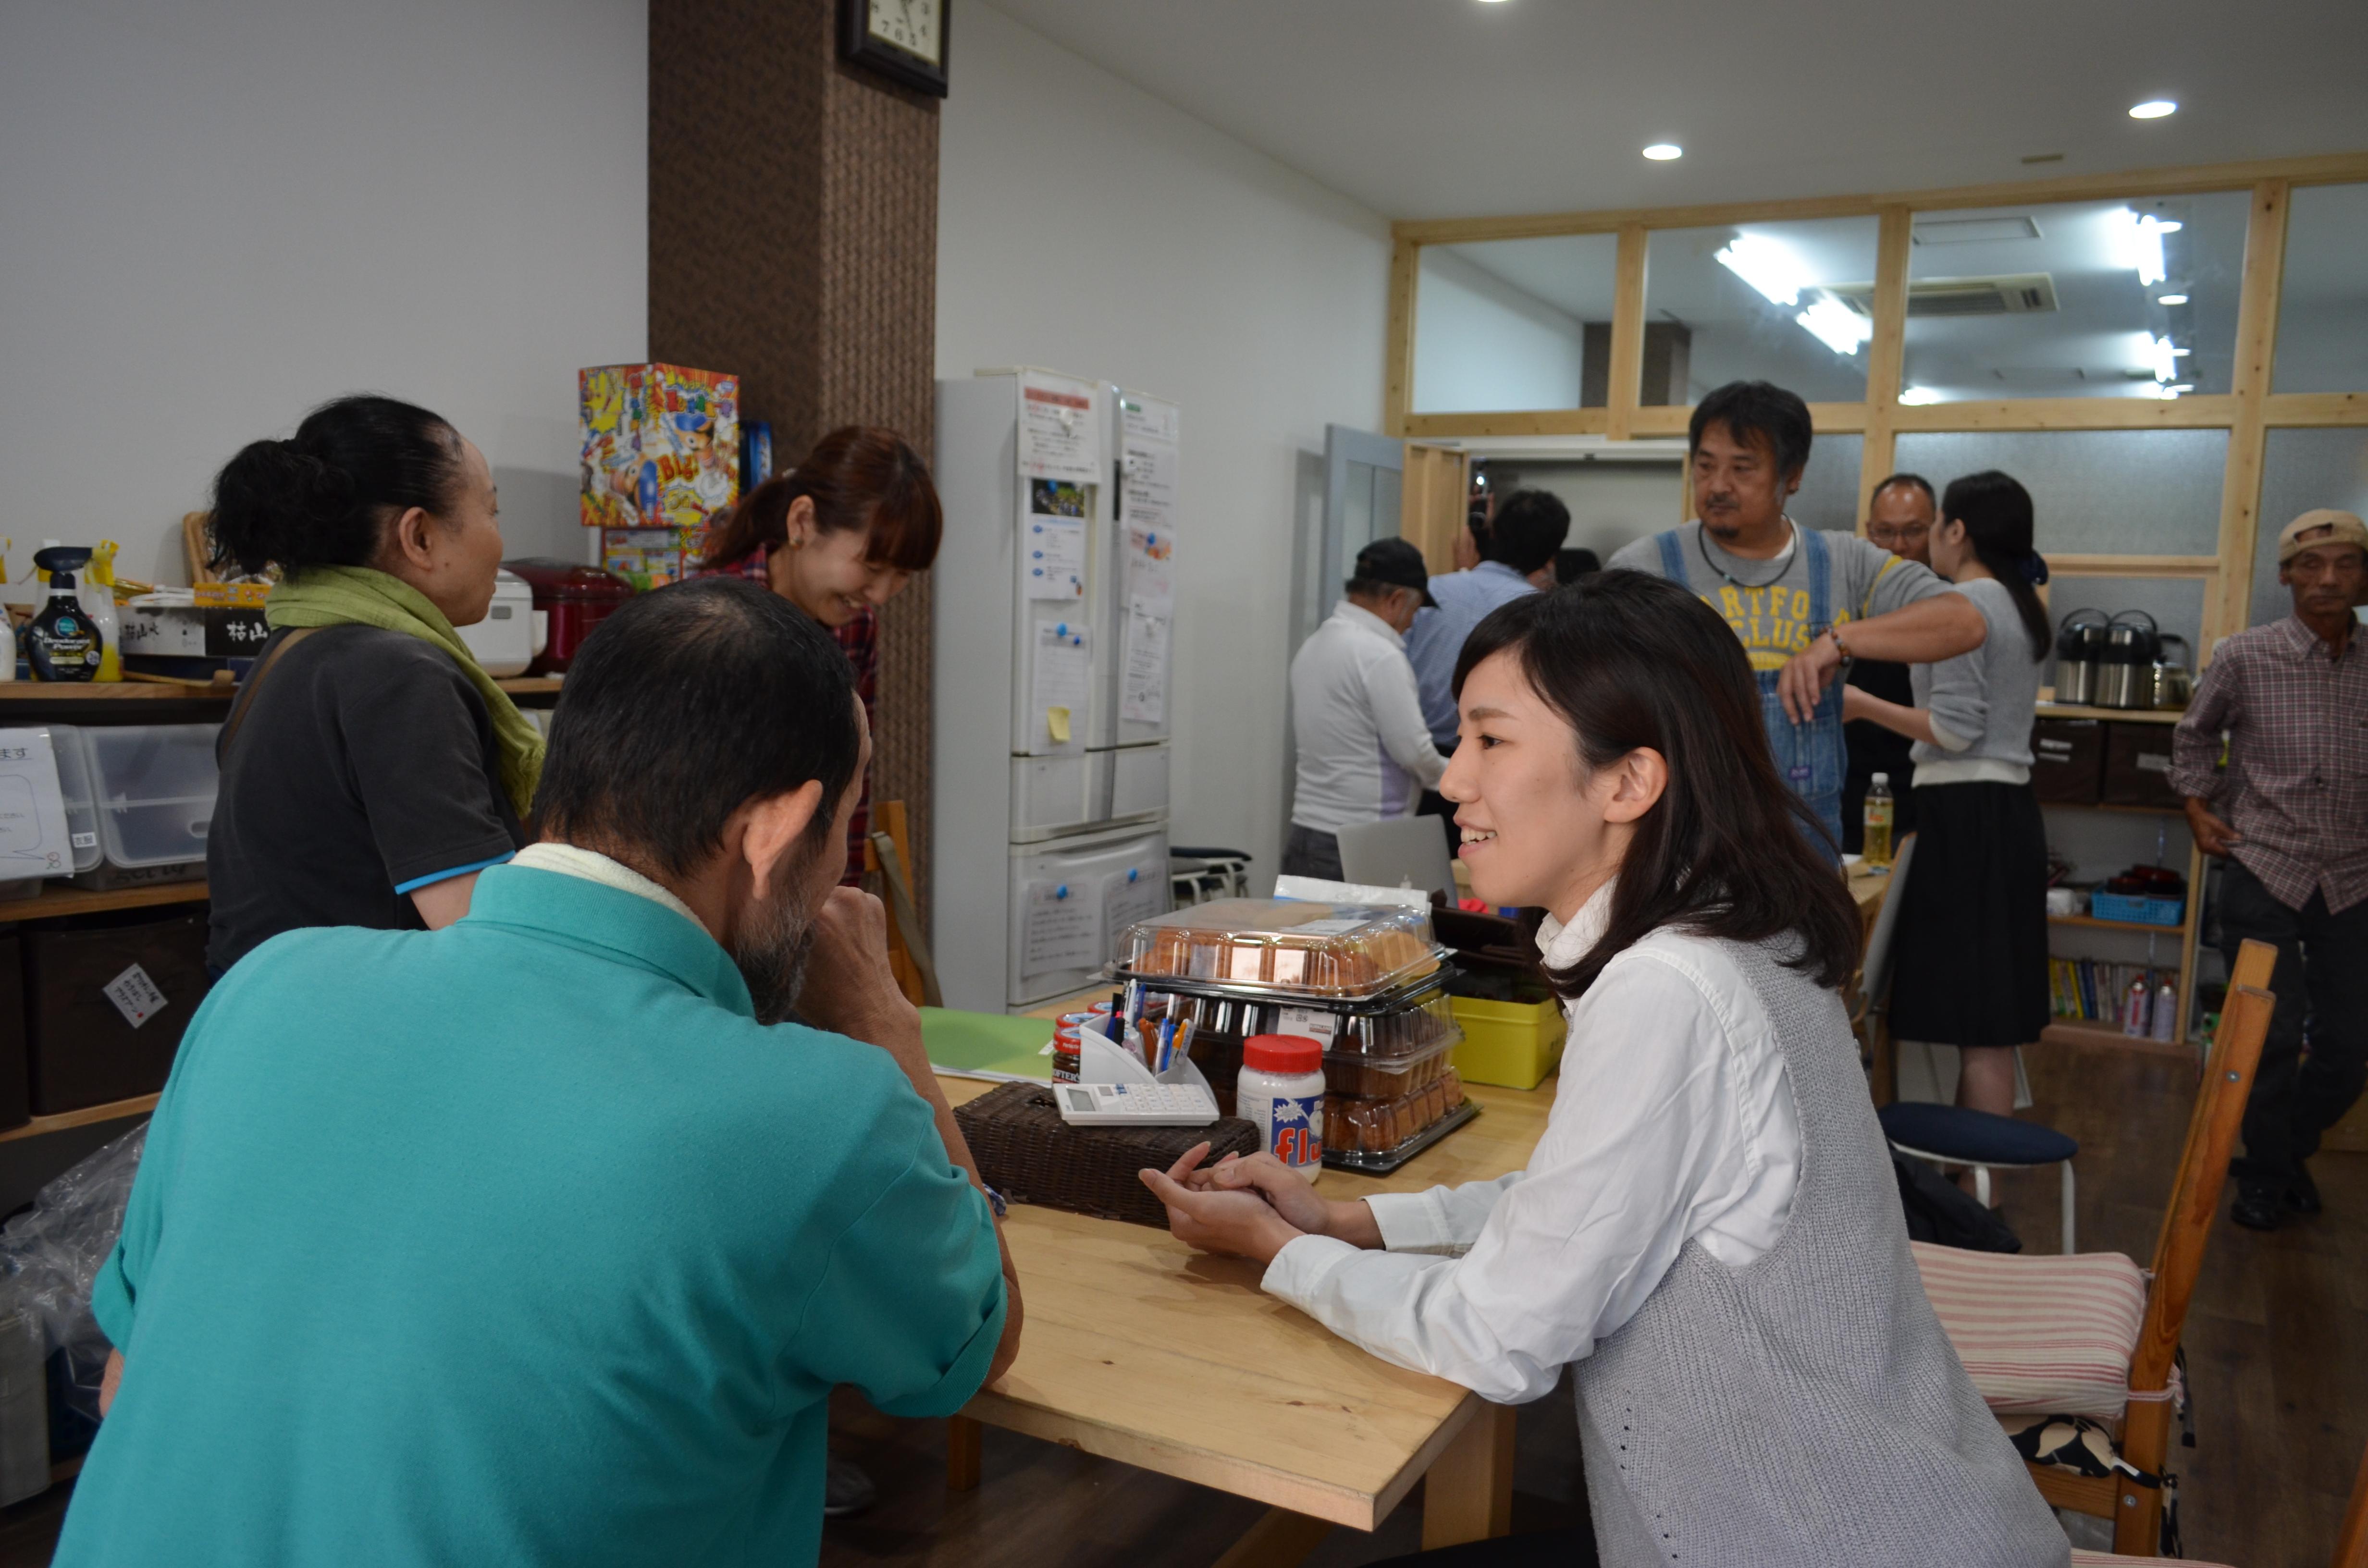 自然に人の輪ができる大阪市北区のHomedoor事務所。ボランティアの登録者は750人に上る。